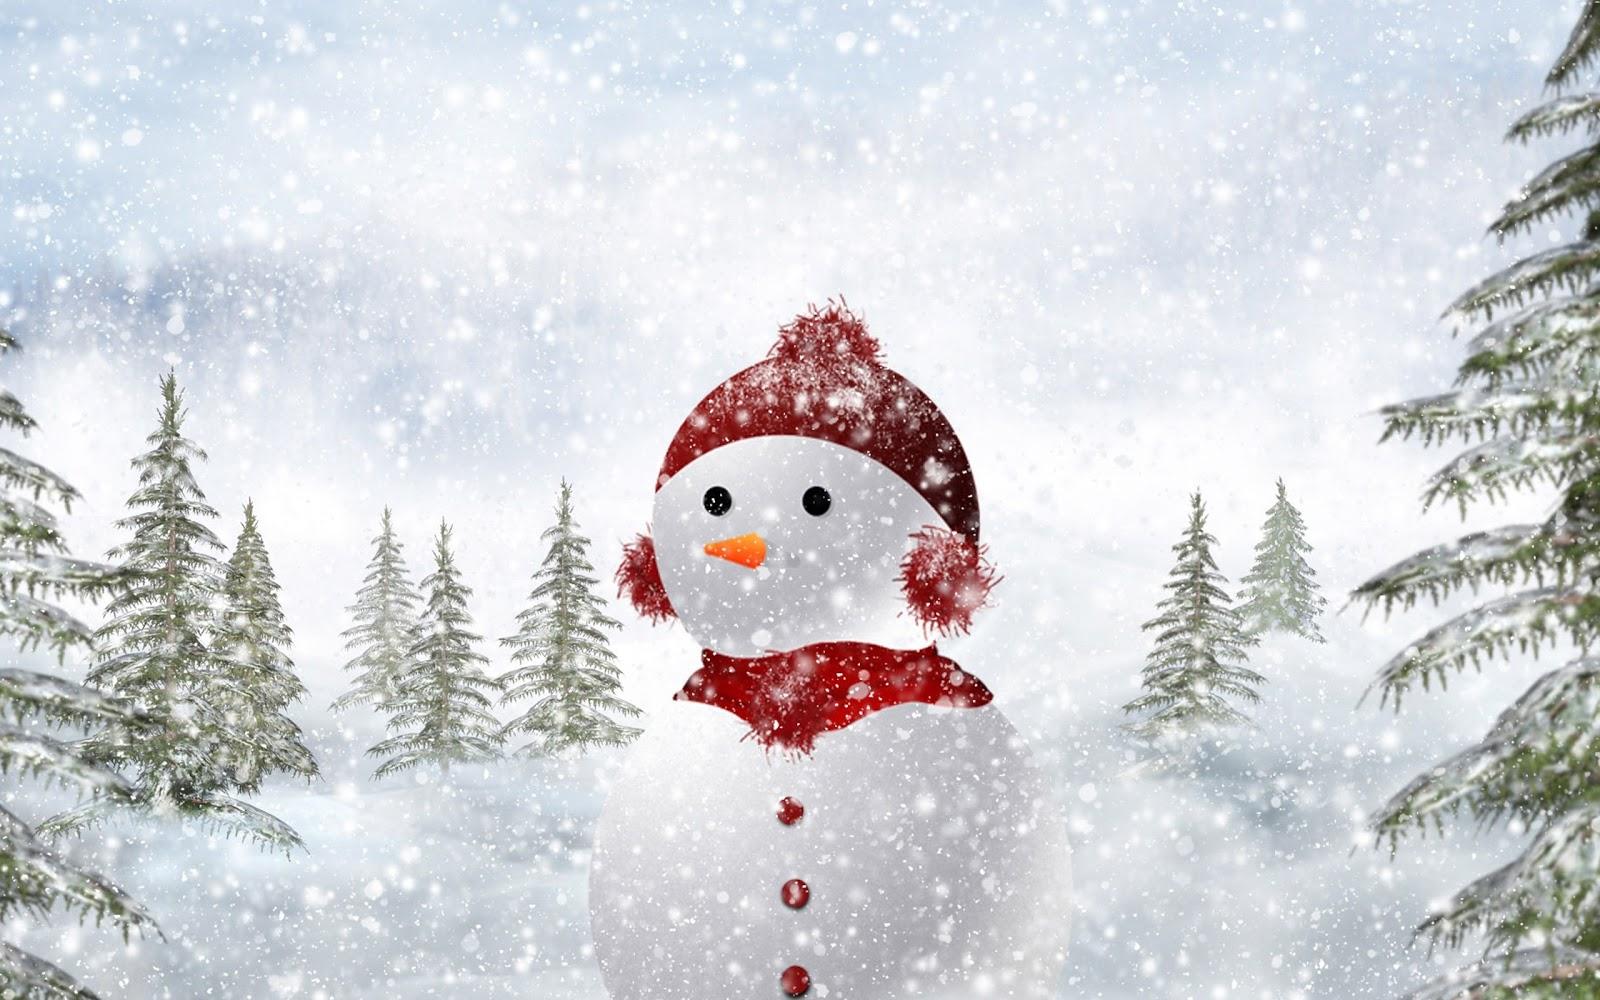 Schneemann Hintergrundbilder - Neues Jahr, Spielzeug Pferd, Cookies HD Hintergrundbilder